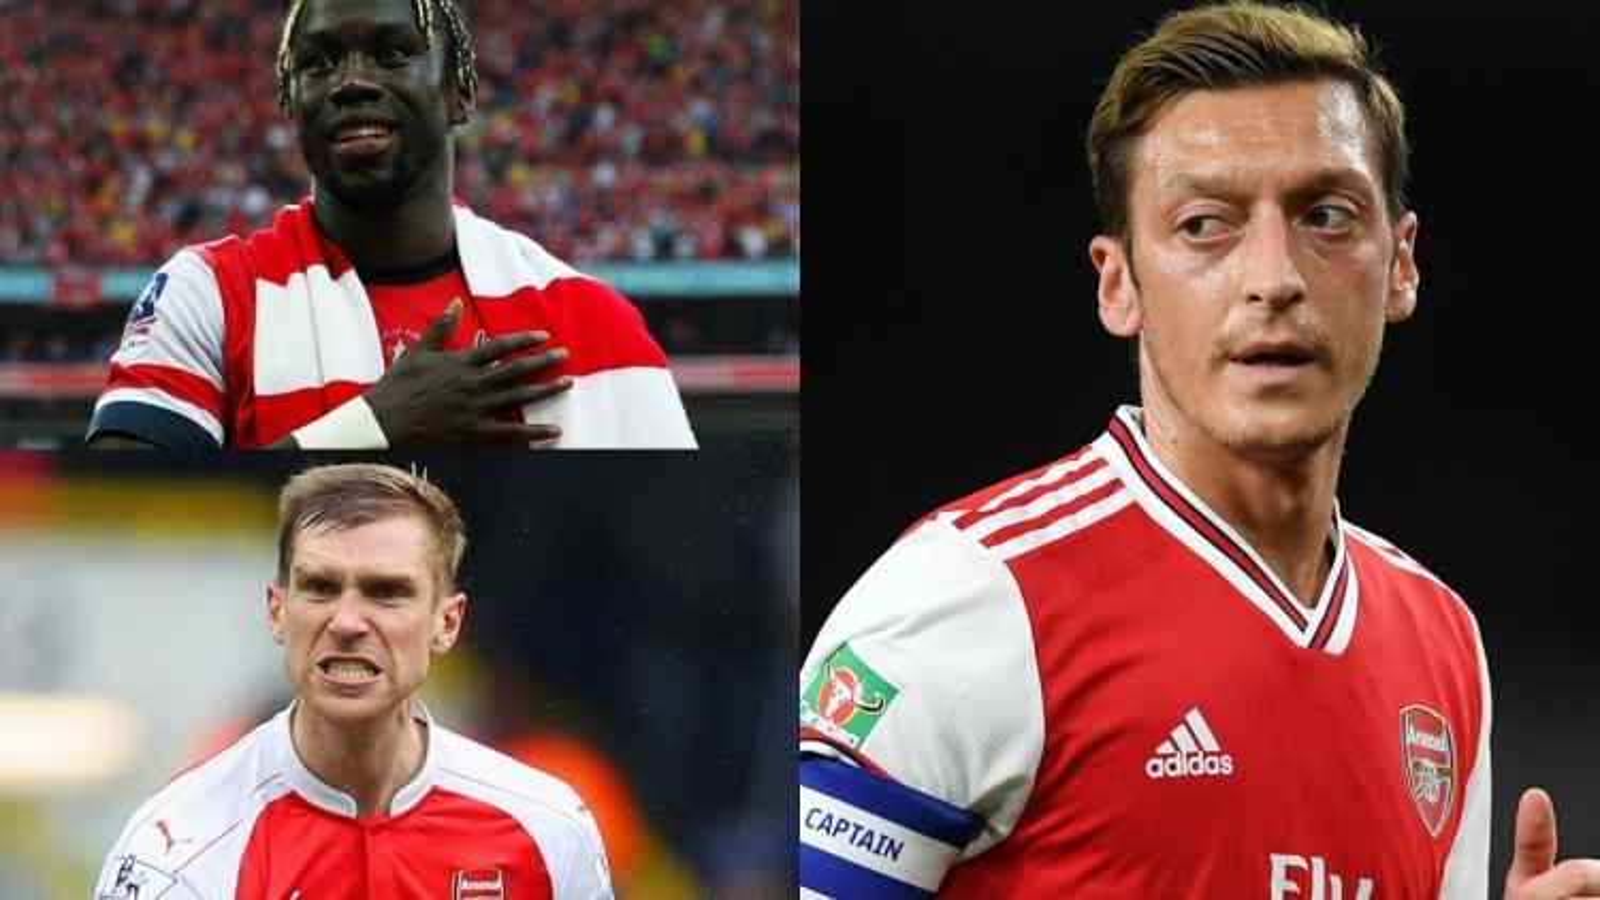 Đội hình trong mơ của Oezil tại Arsenal gồm những ai?